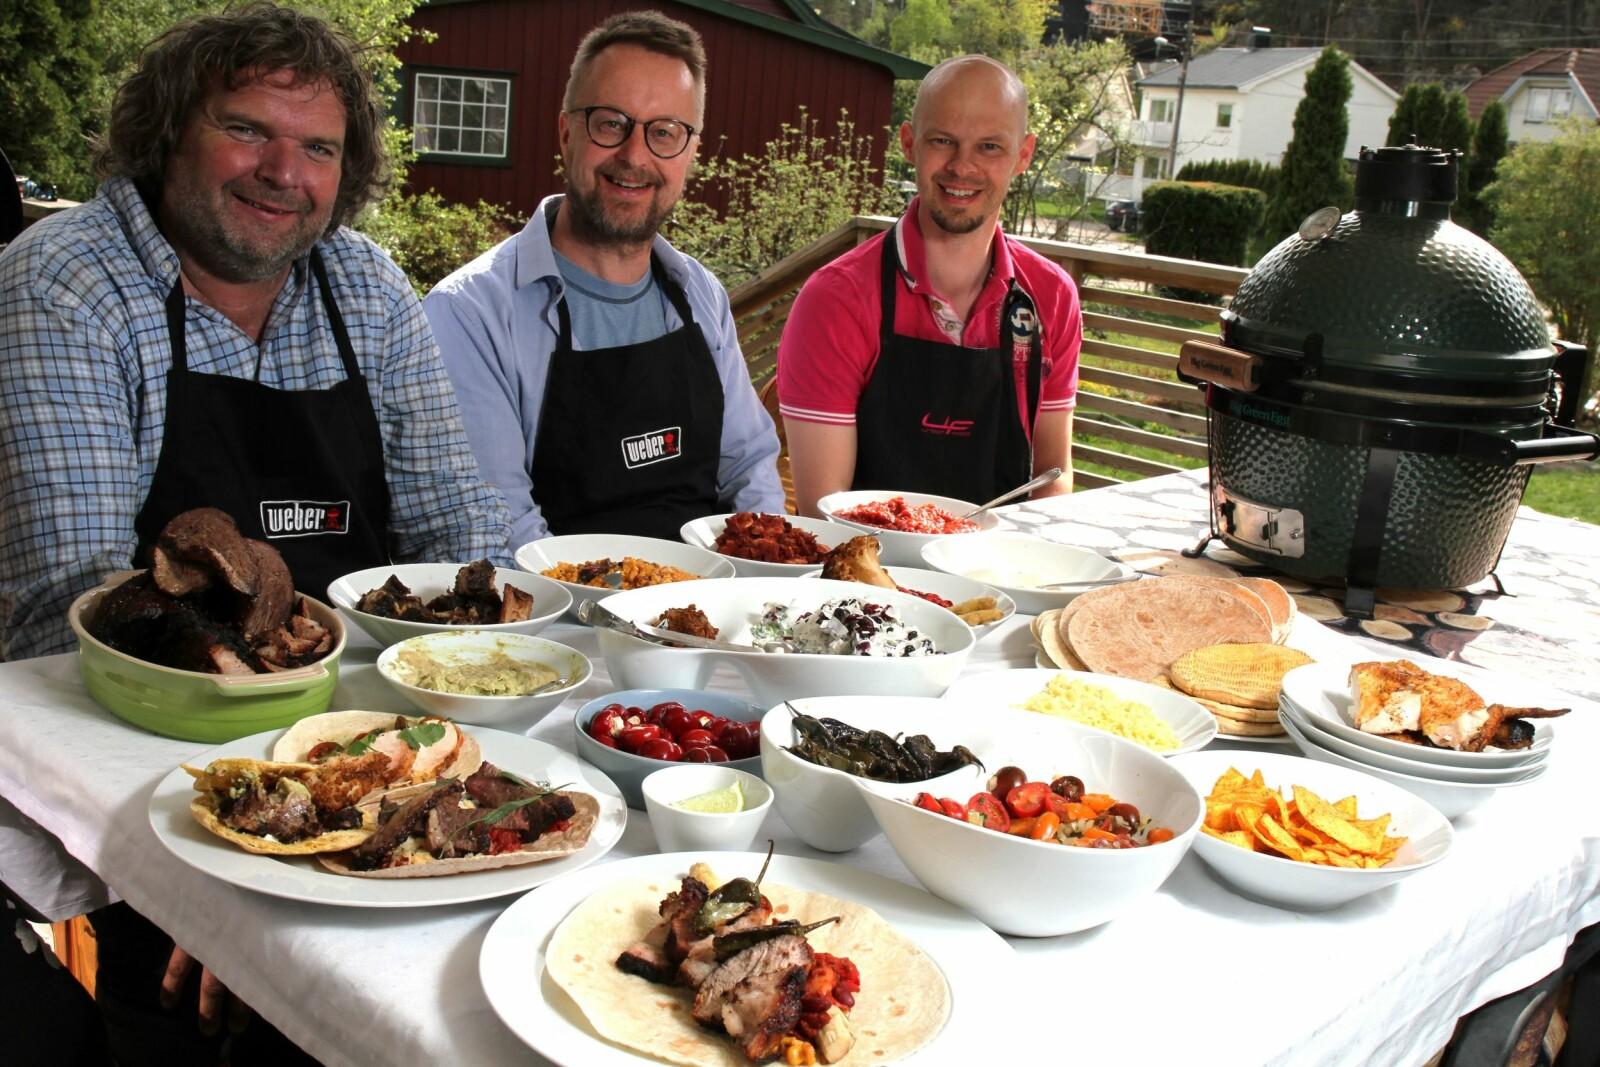 <b>BÅRD OG <BR/>DE BLIDE HJELPERNE:</b> Bård (fra venstre), Sigurd Sollien og Sondre Barlien signerte tidenes tacobuffé på Kråkerøy. <br/>Bård sto muligens for mesteparten av jobben.